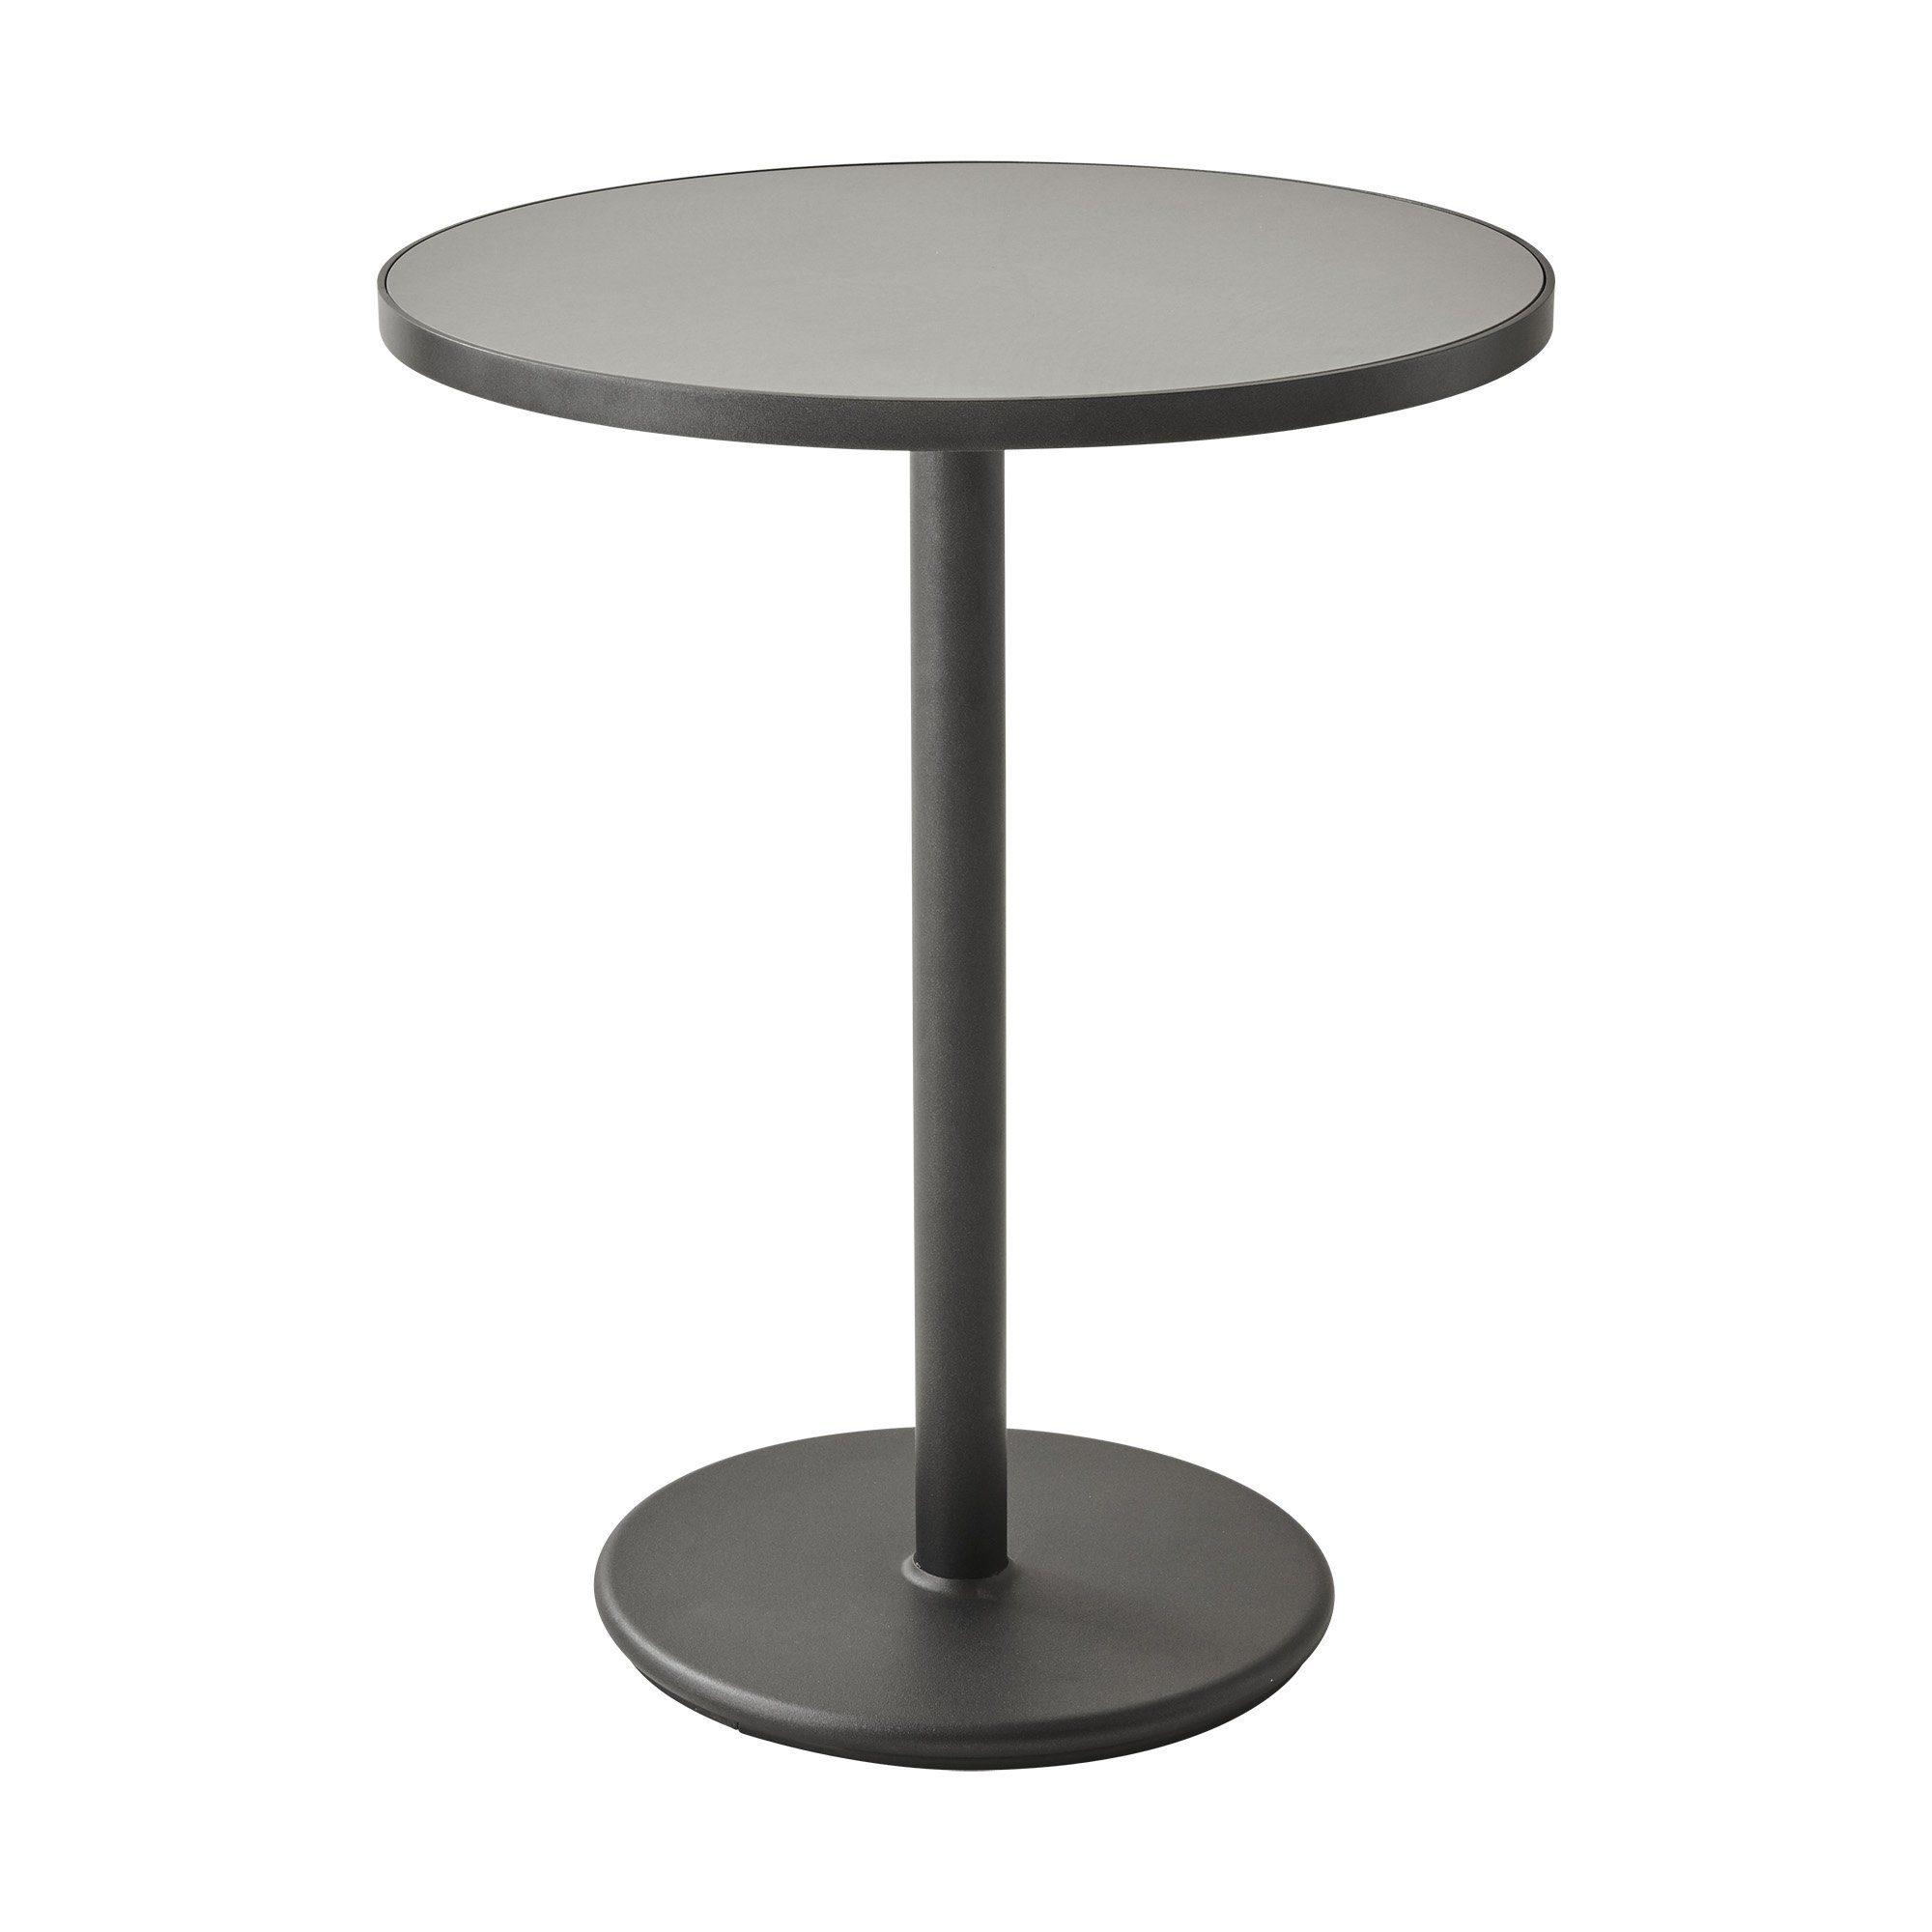 Go cafébord i lavagrått med keramisk bordsskiva i ljusgrått.